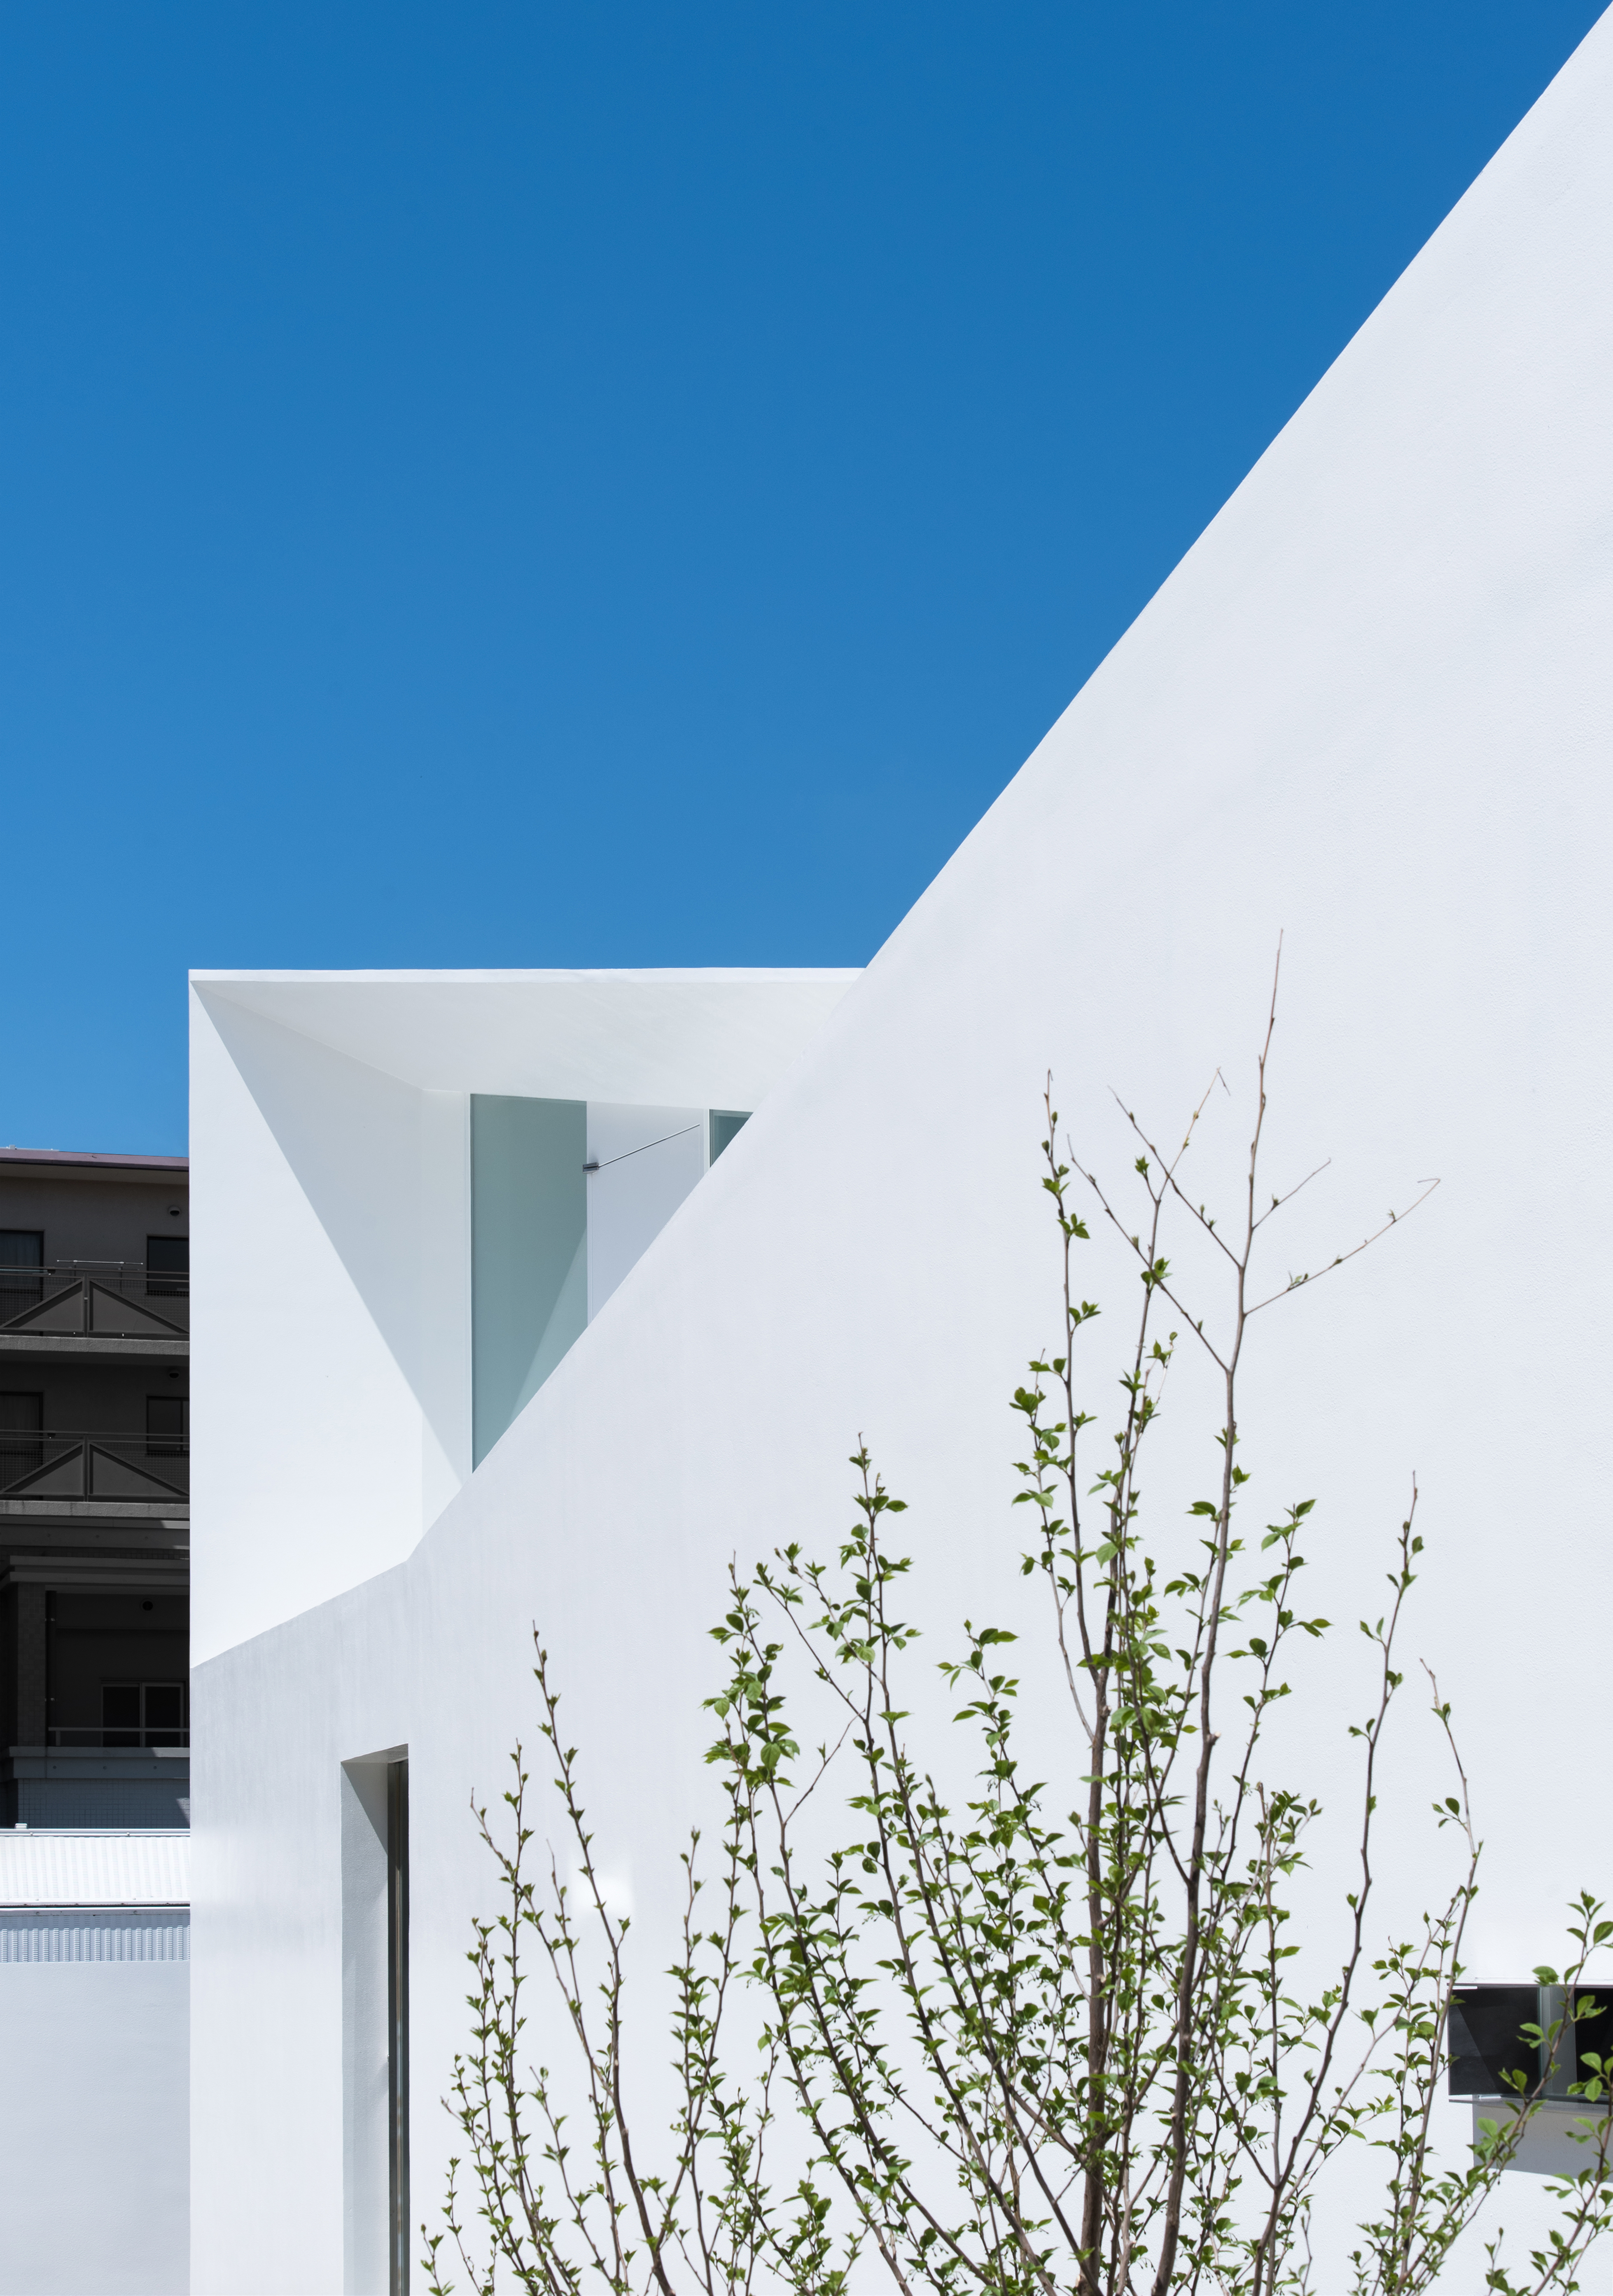 facade_day